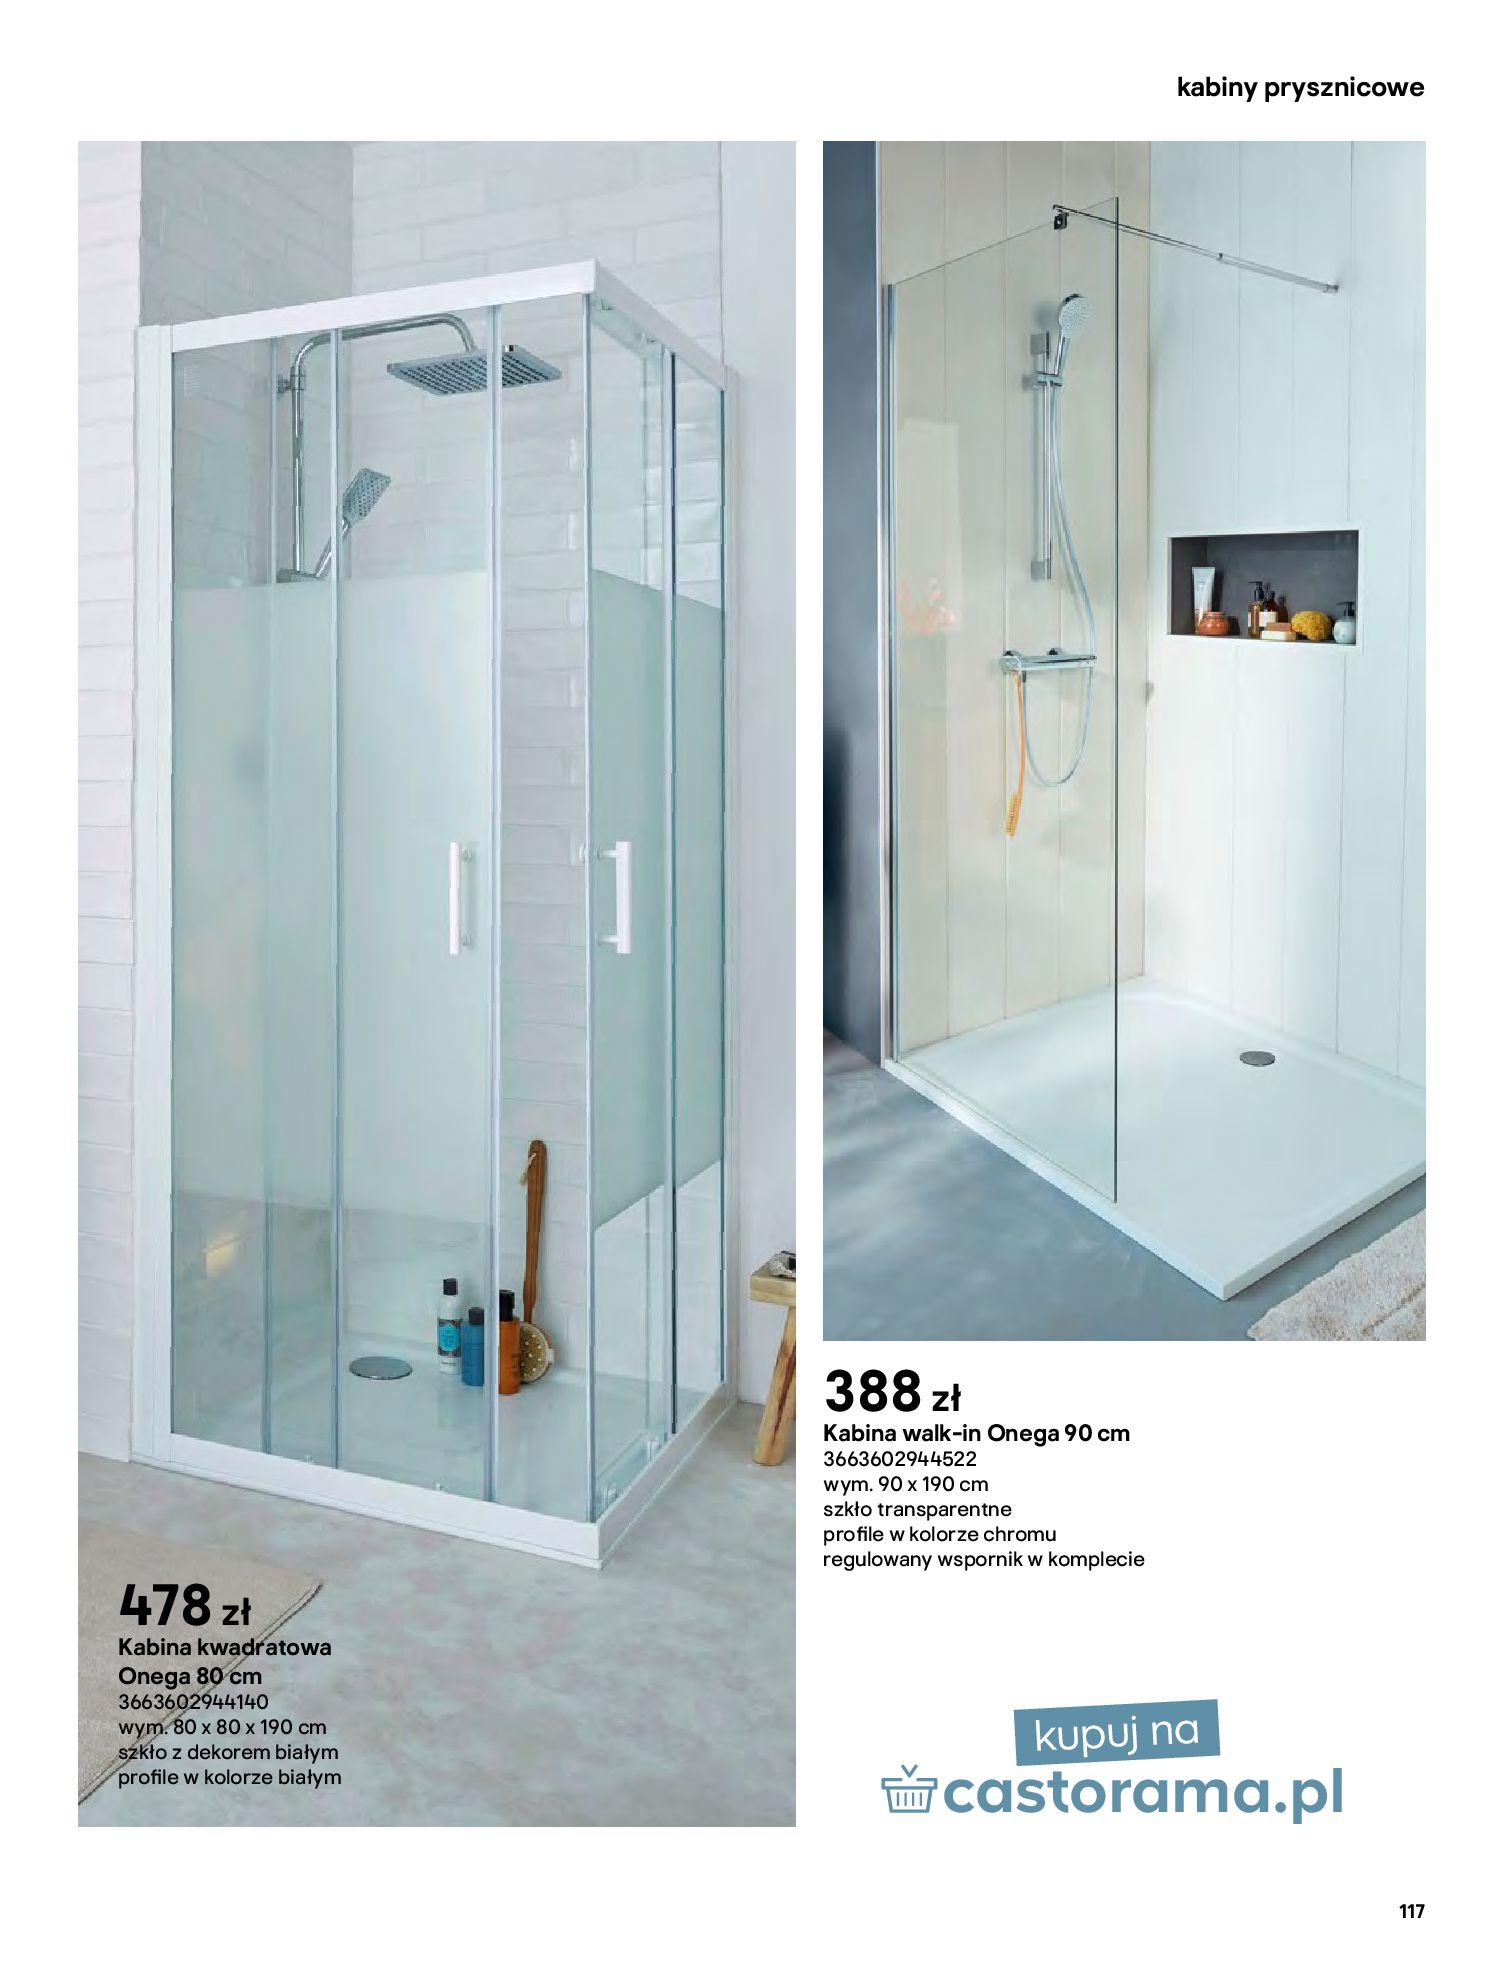 Gazetka Castorama: Gazetka Castorama - katalog łazienki 2021 2021-06-16 page-117